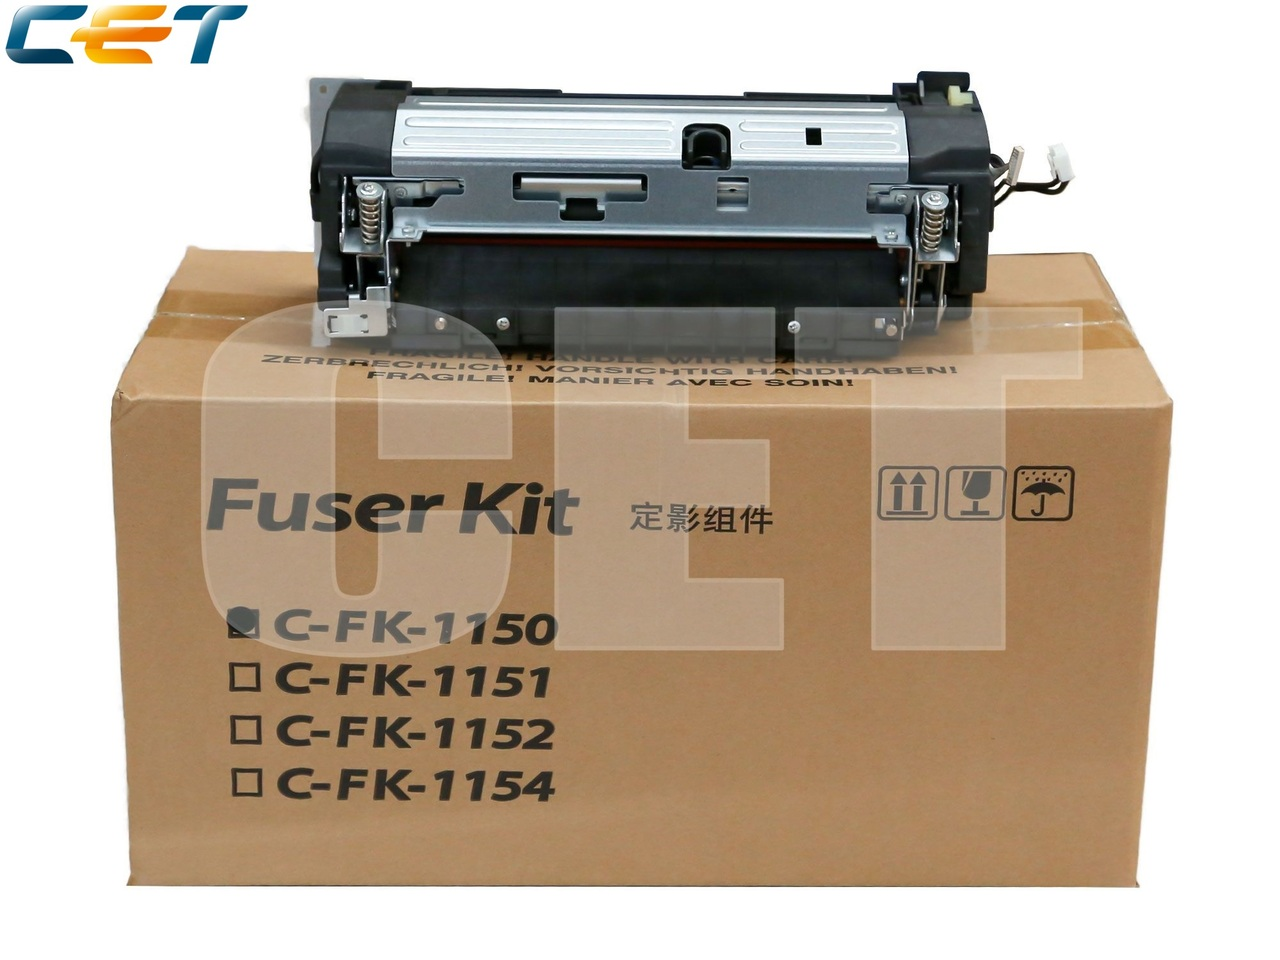 Фьюзер (печка) в сборе FK-1150 для KYOCERA ECOSYSM2040dn/2135dn/2635dn/2540dn/2640idw/2735dw (CET),CET421002